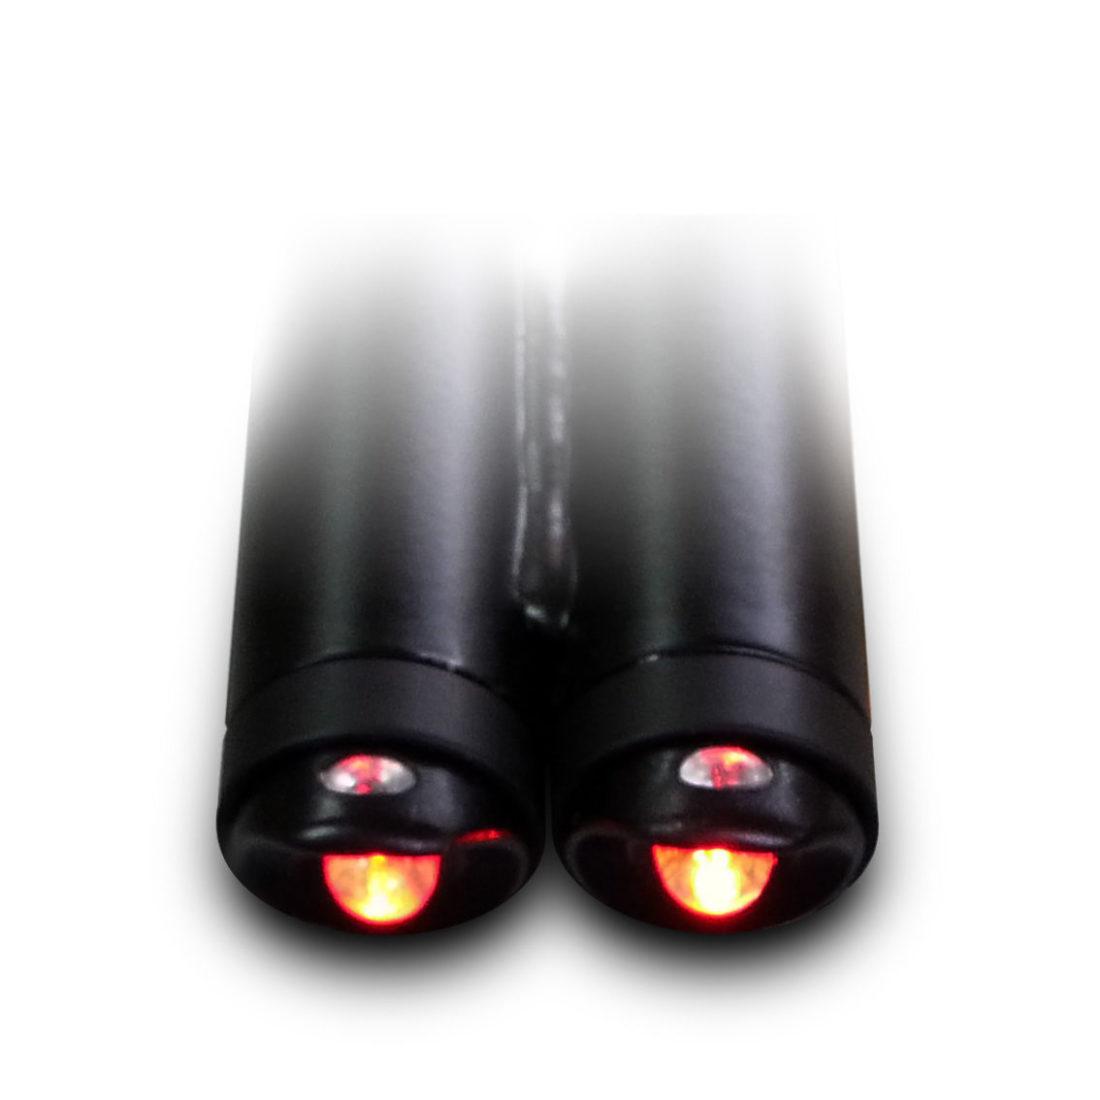 adattatori luce led ؘ20/22 su tubolare ؘ26/30 (coppia)